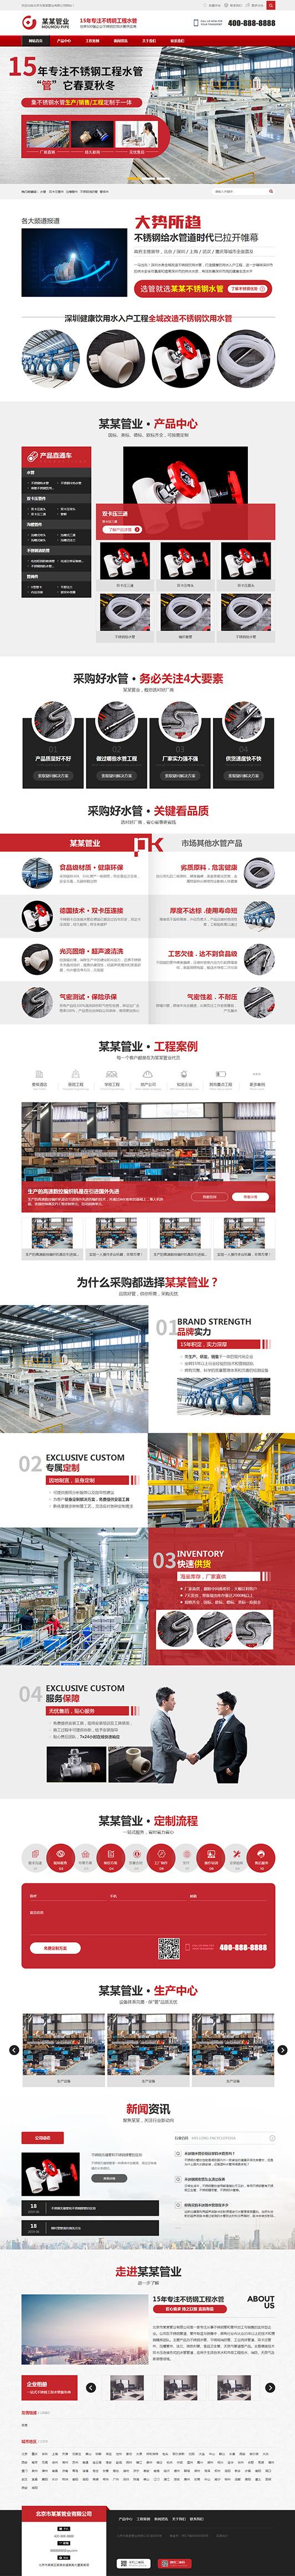 钢管制造公司网站通用营销式模板